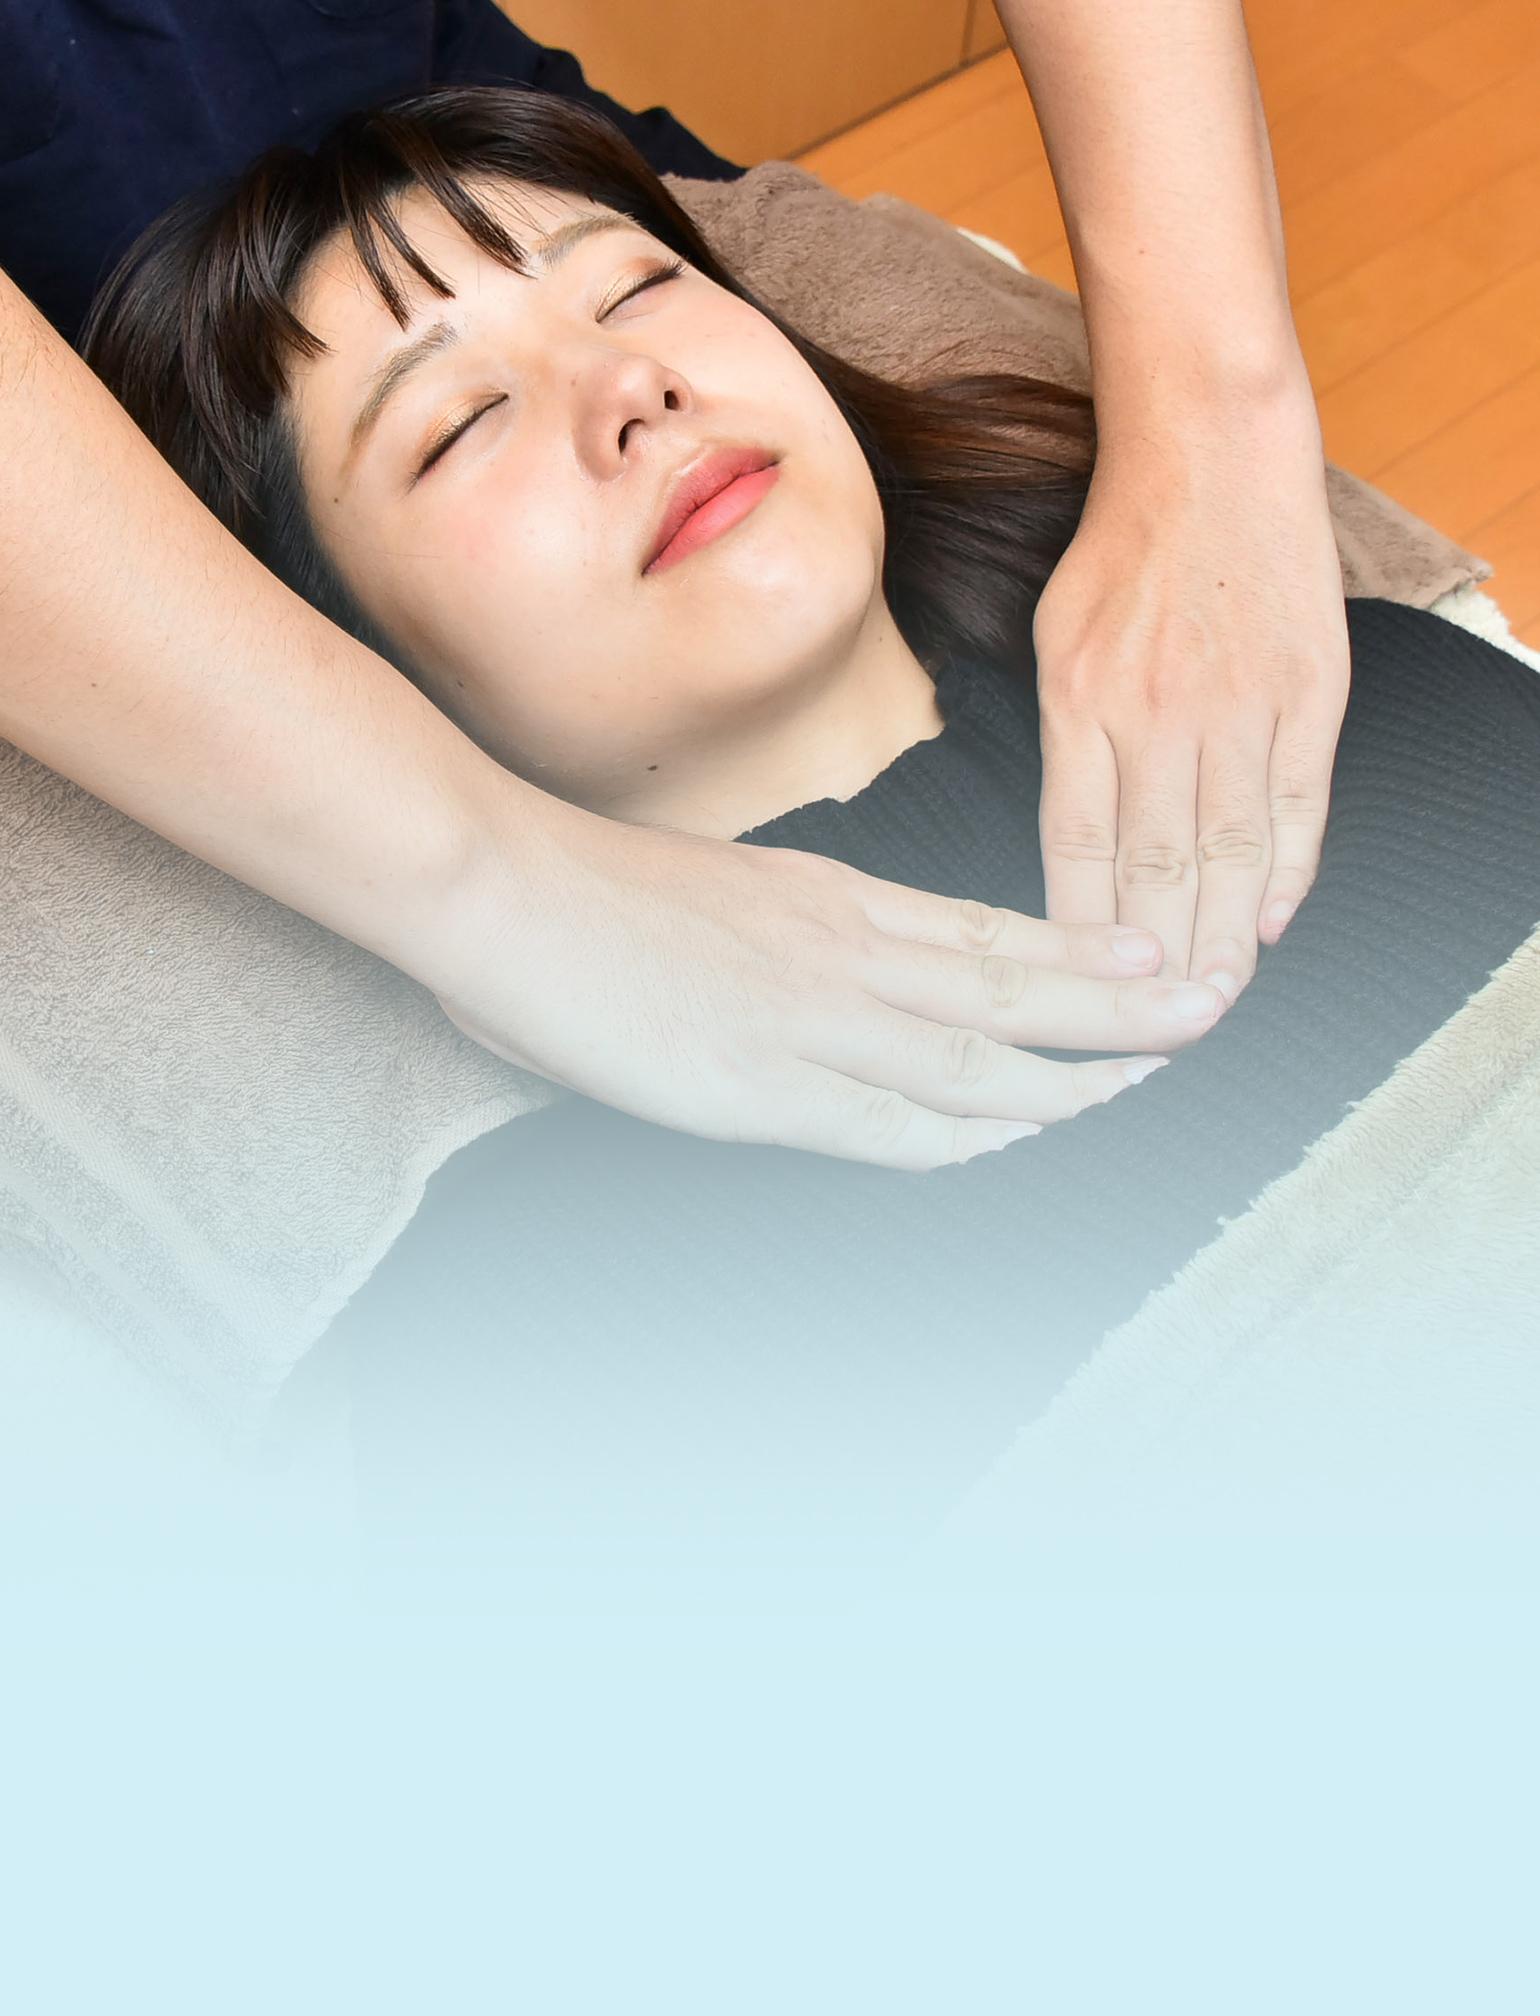 トップページ快眠と運動で健康をつくる